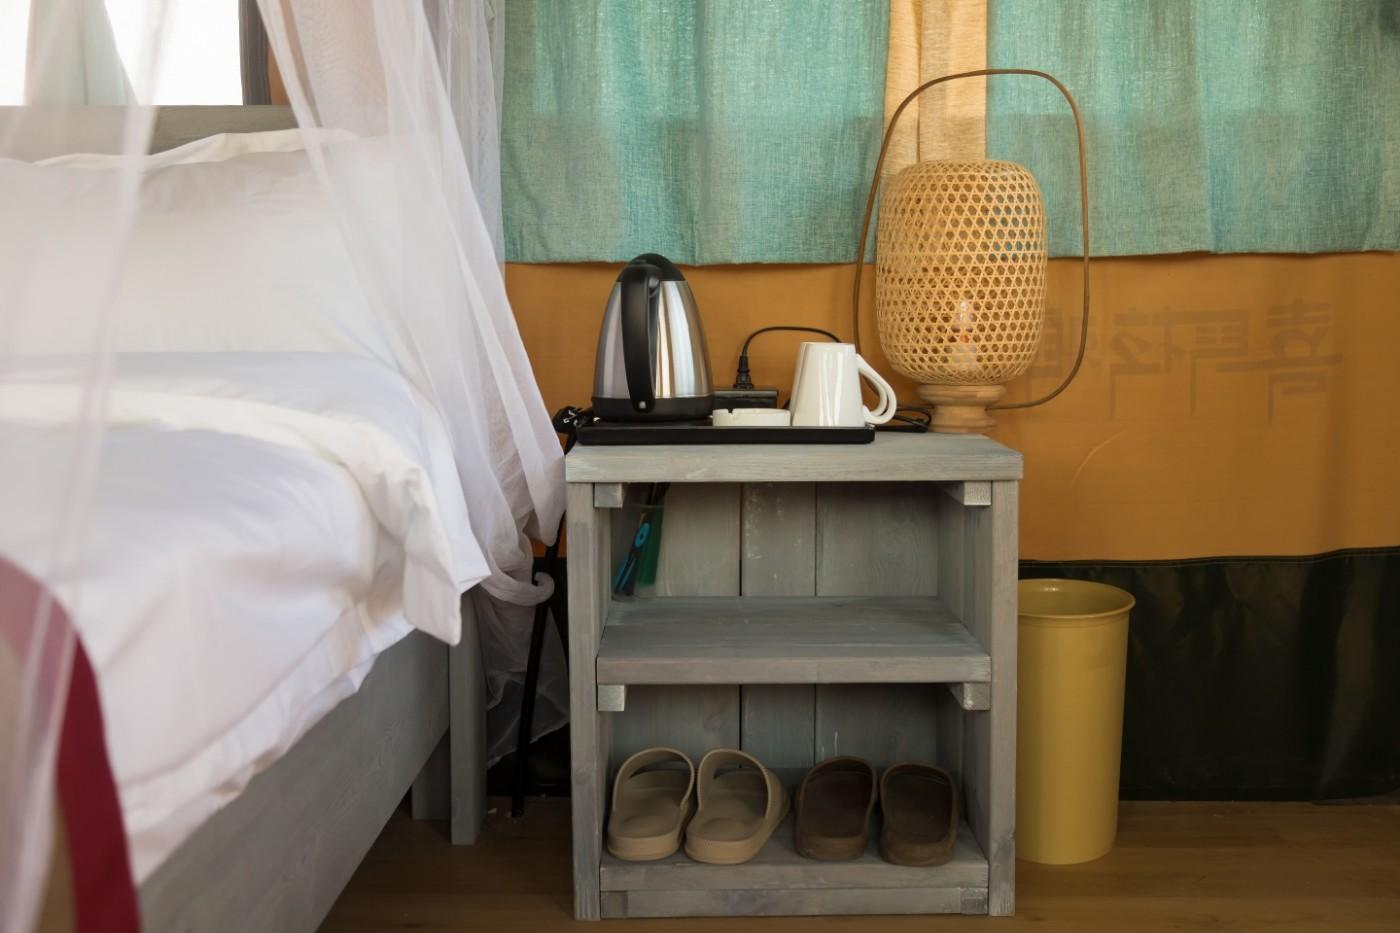 喜马拉雅野奢帐篷酒店—济南长清25